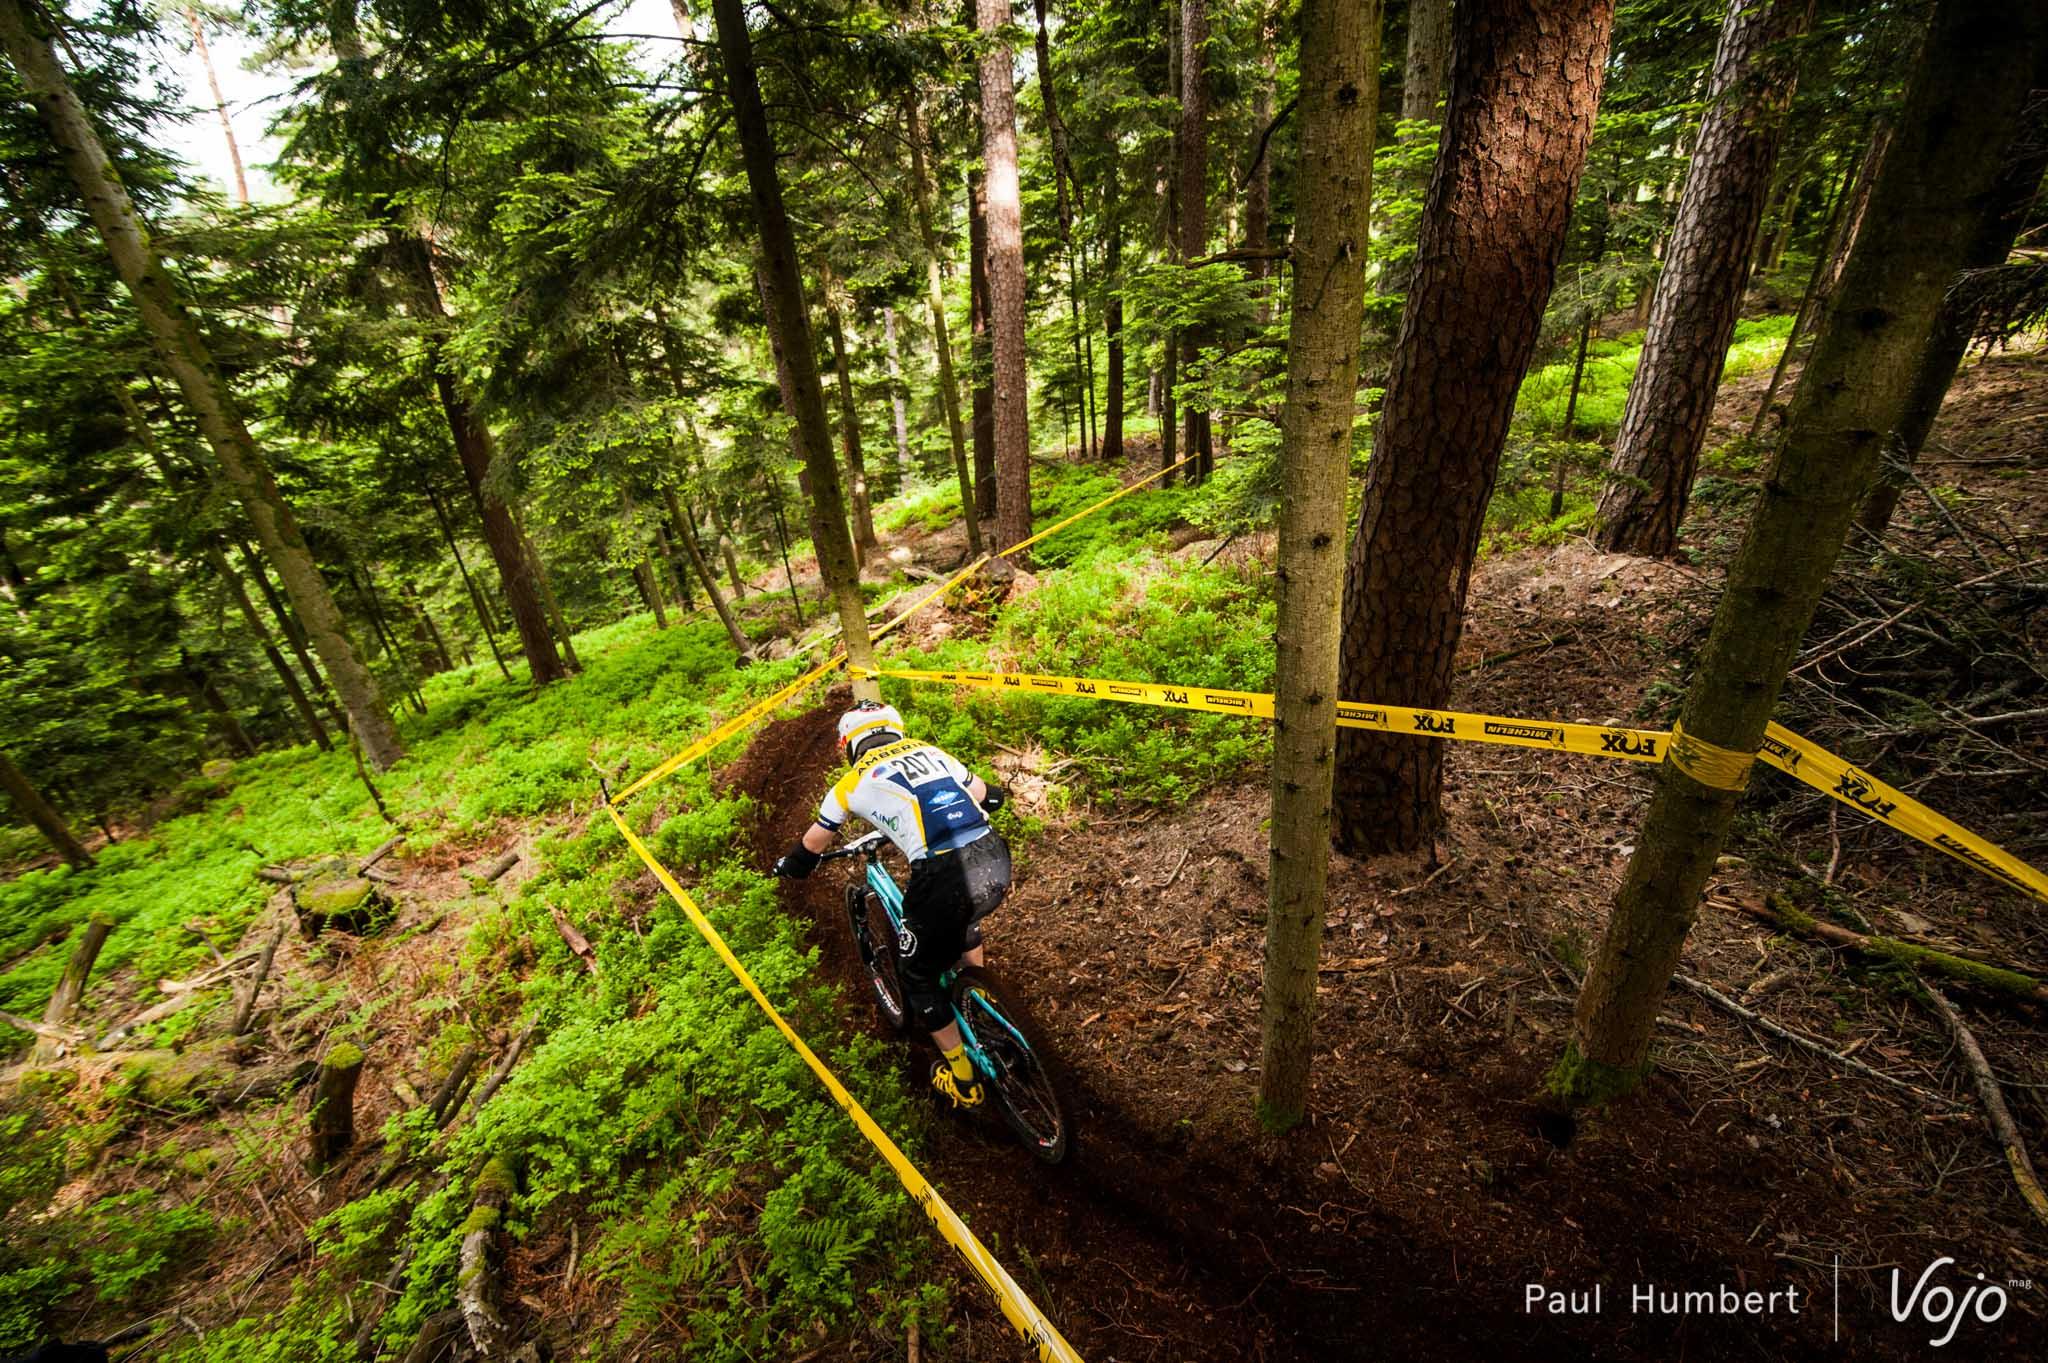 Raon-l-etape-vojo-2016-paul-humbert-40